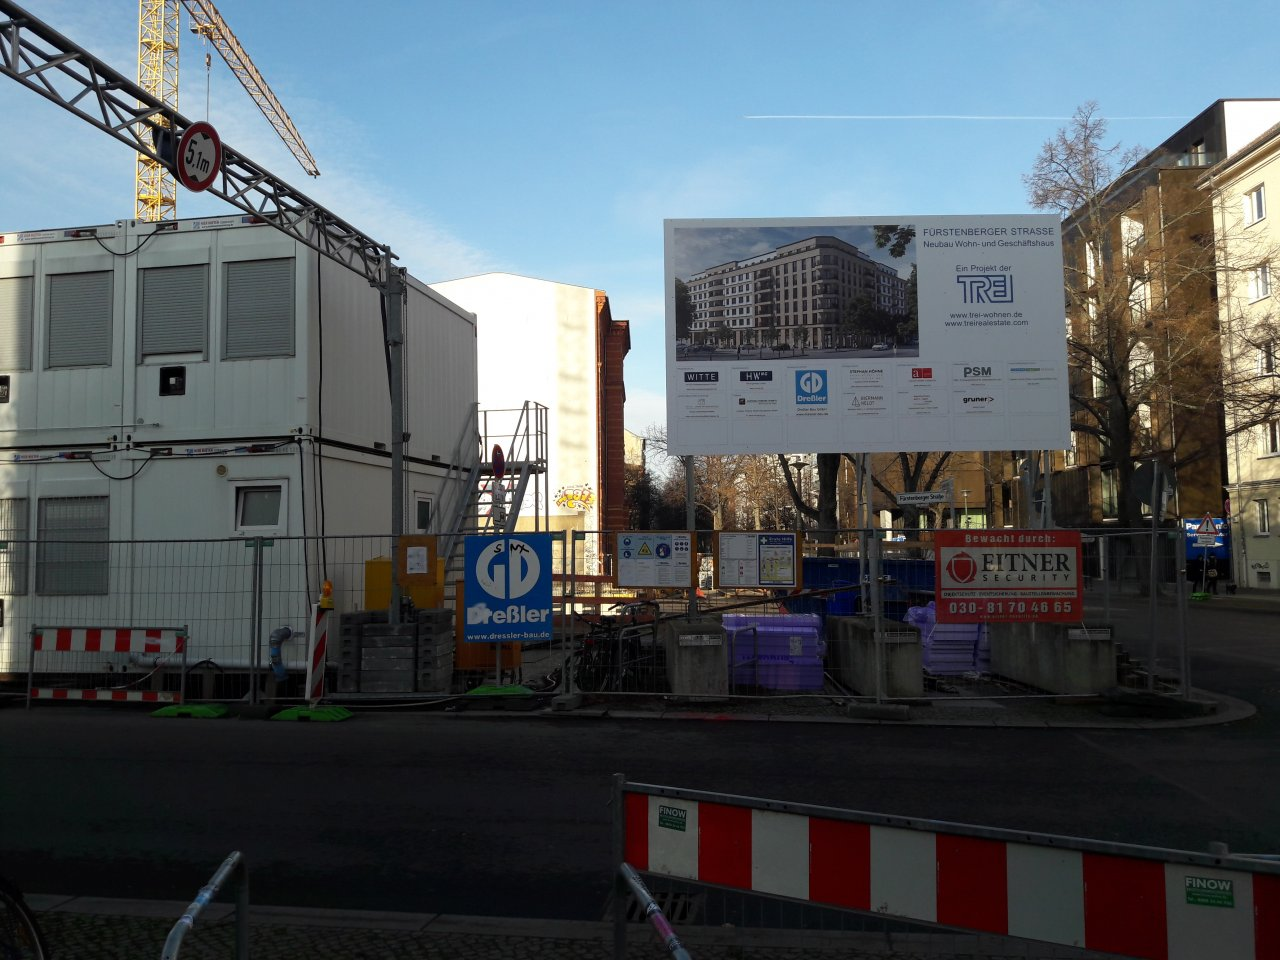 TREJ-Fuerstenberger-Strasse-Neubauprojekt.jpg